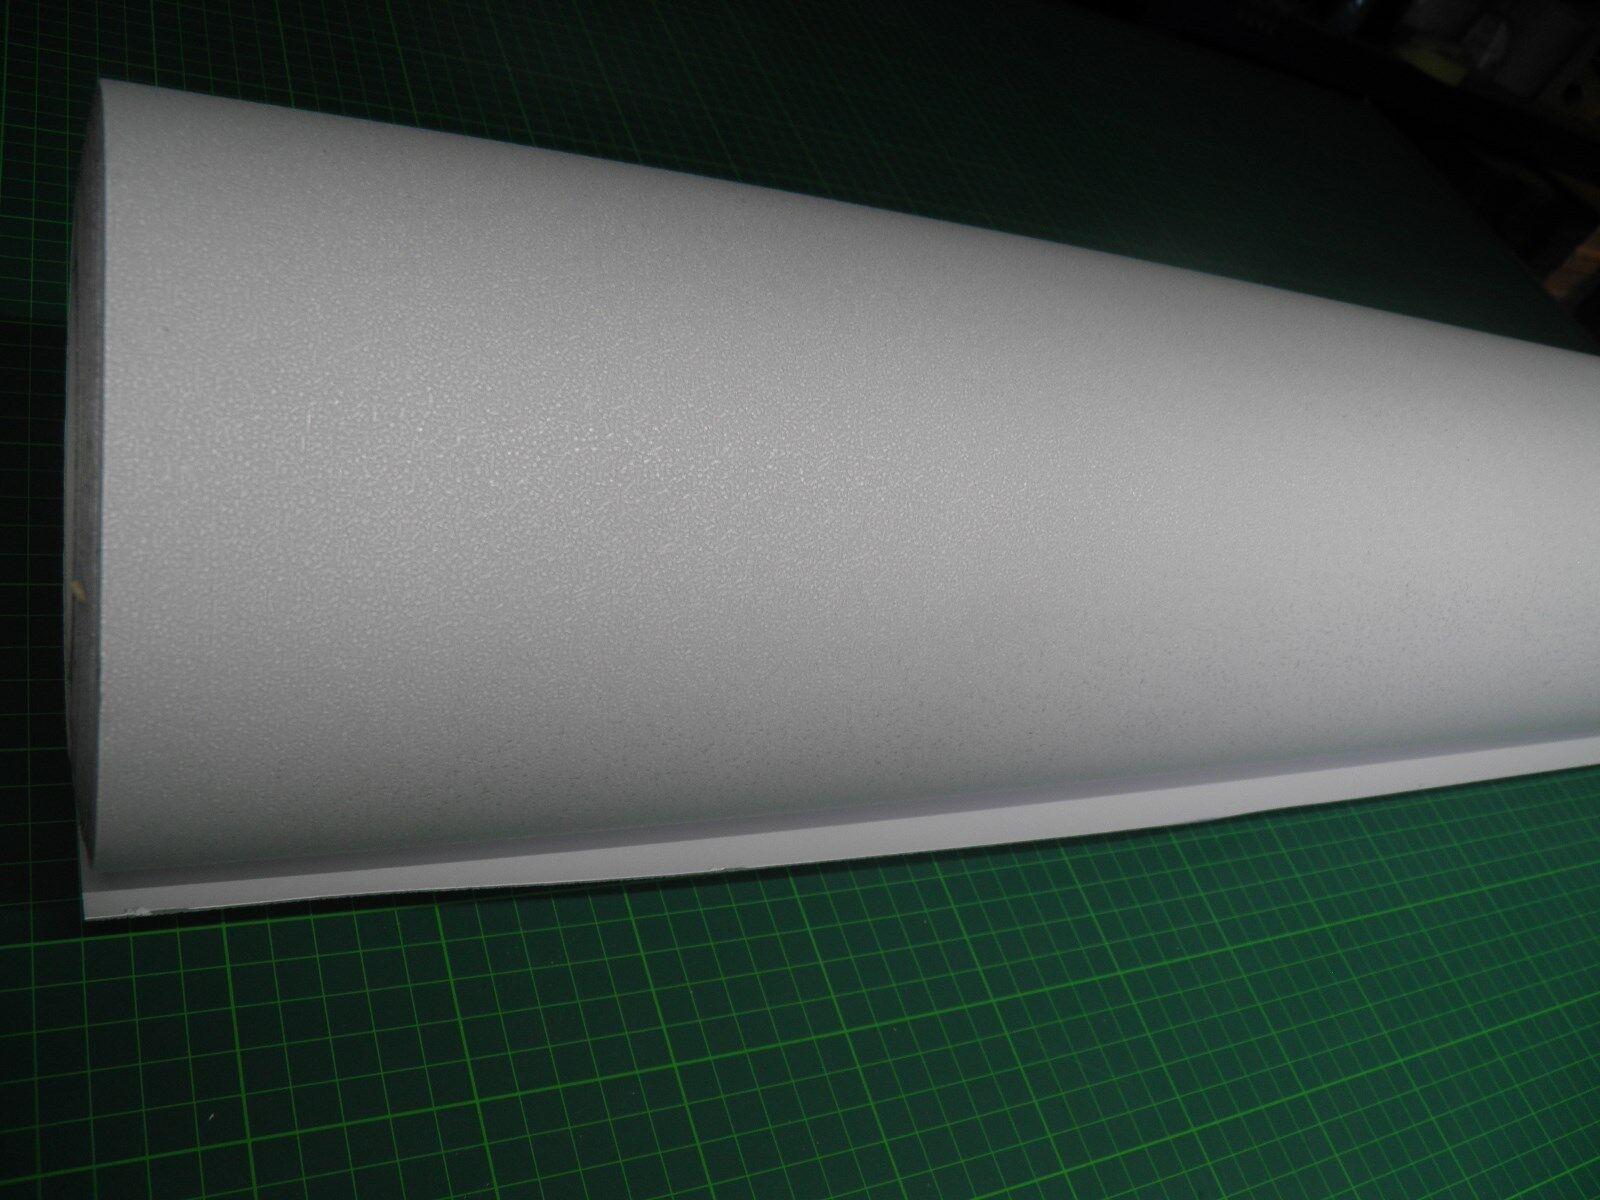 Antirutschfolie gummiert transparent  selbstklebend ca 120 cm mal 25 cm 1 Tafel